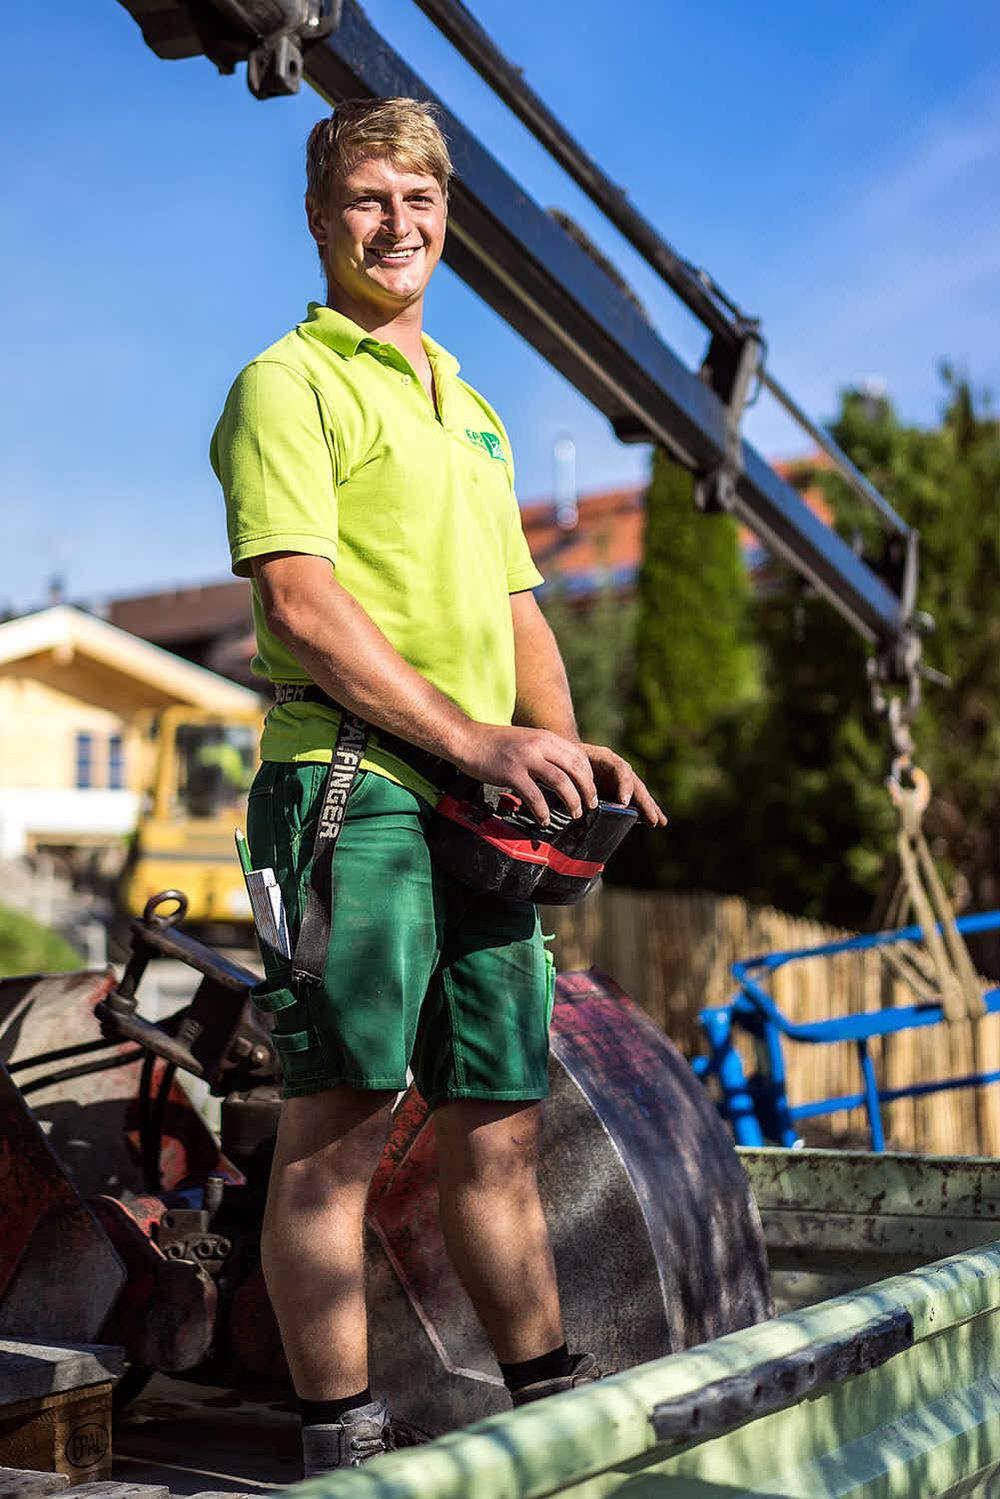 Alexander Bscheider Gartenbaumeister Hat Ihre Baustelle voll im Griff.